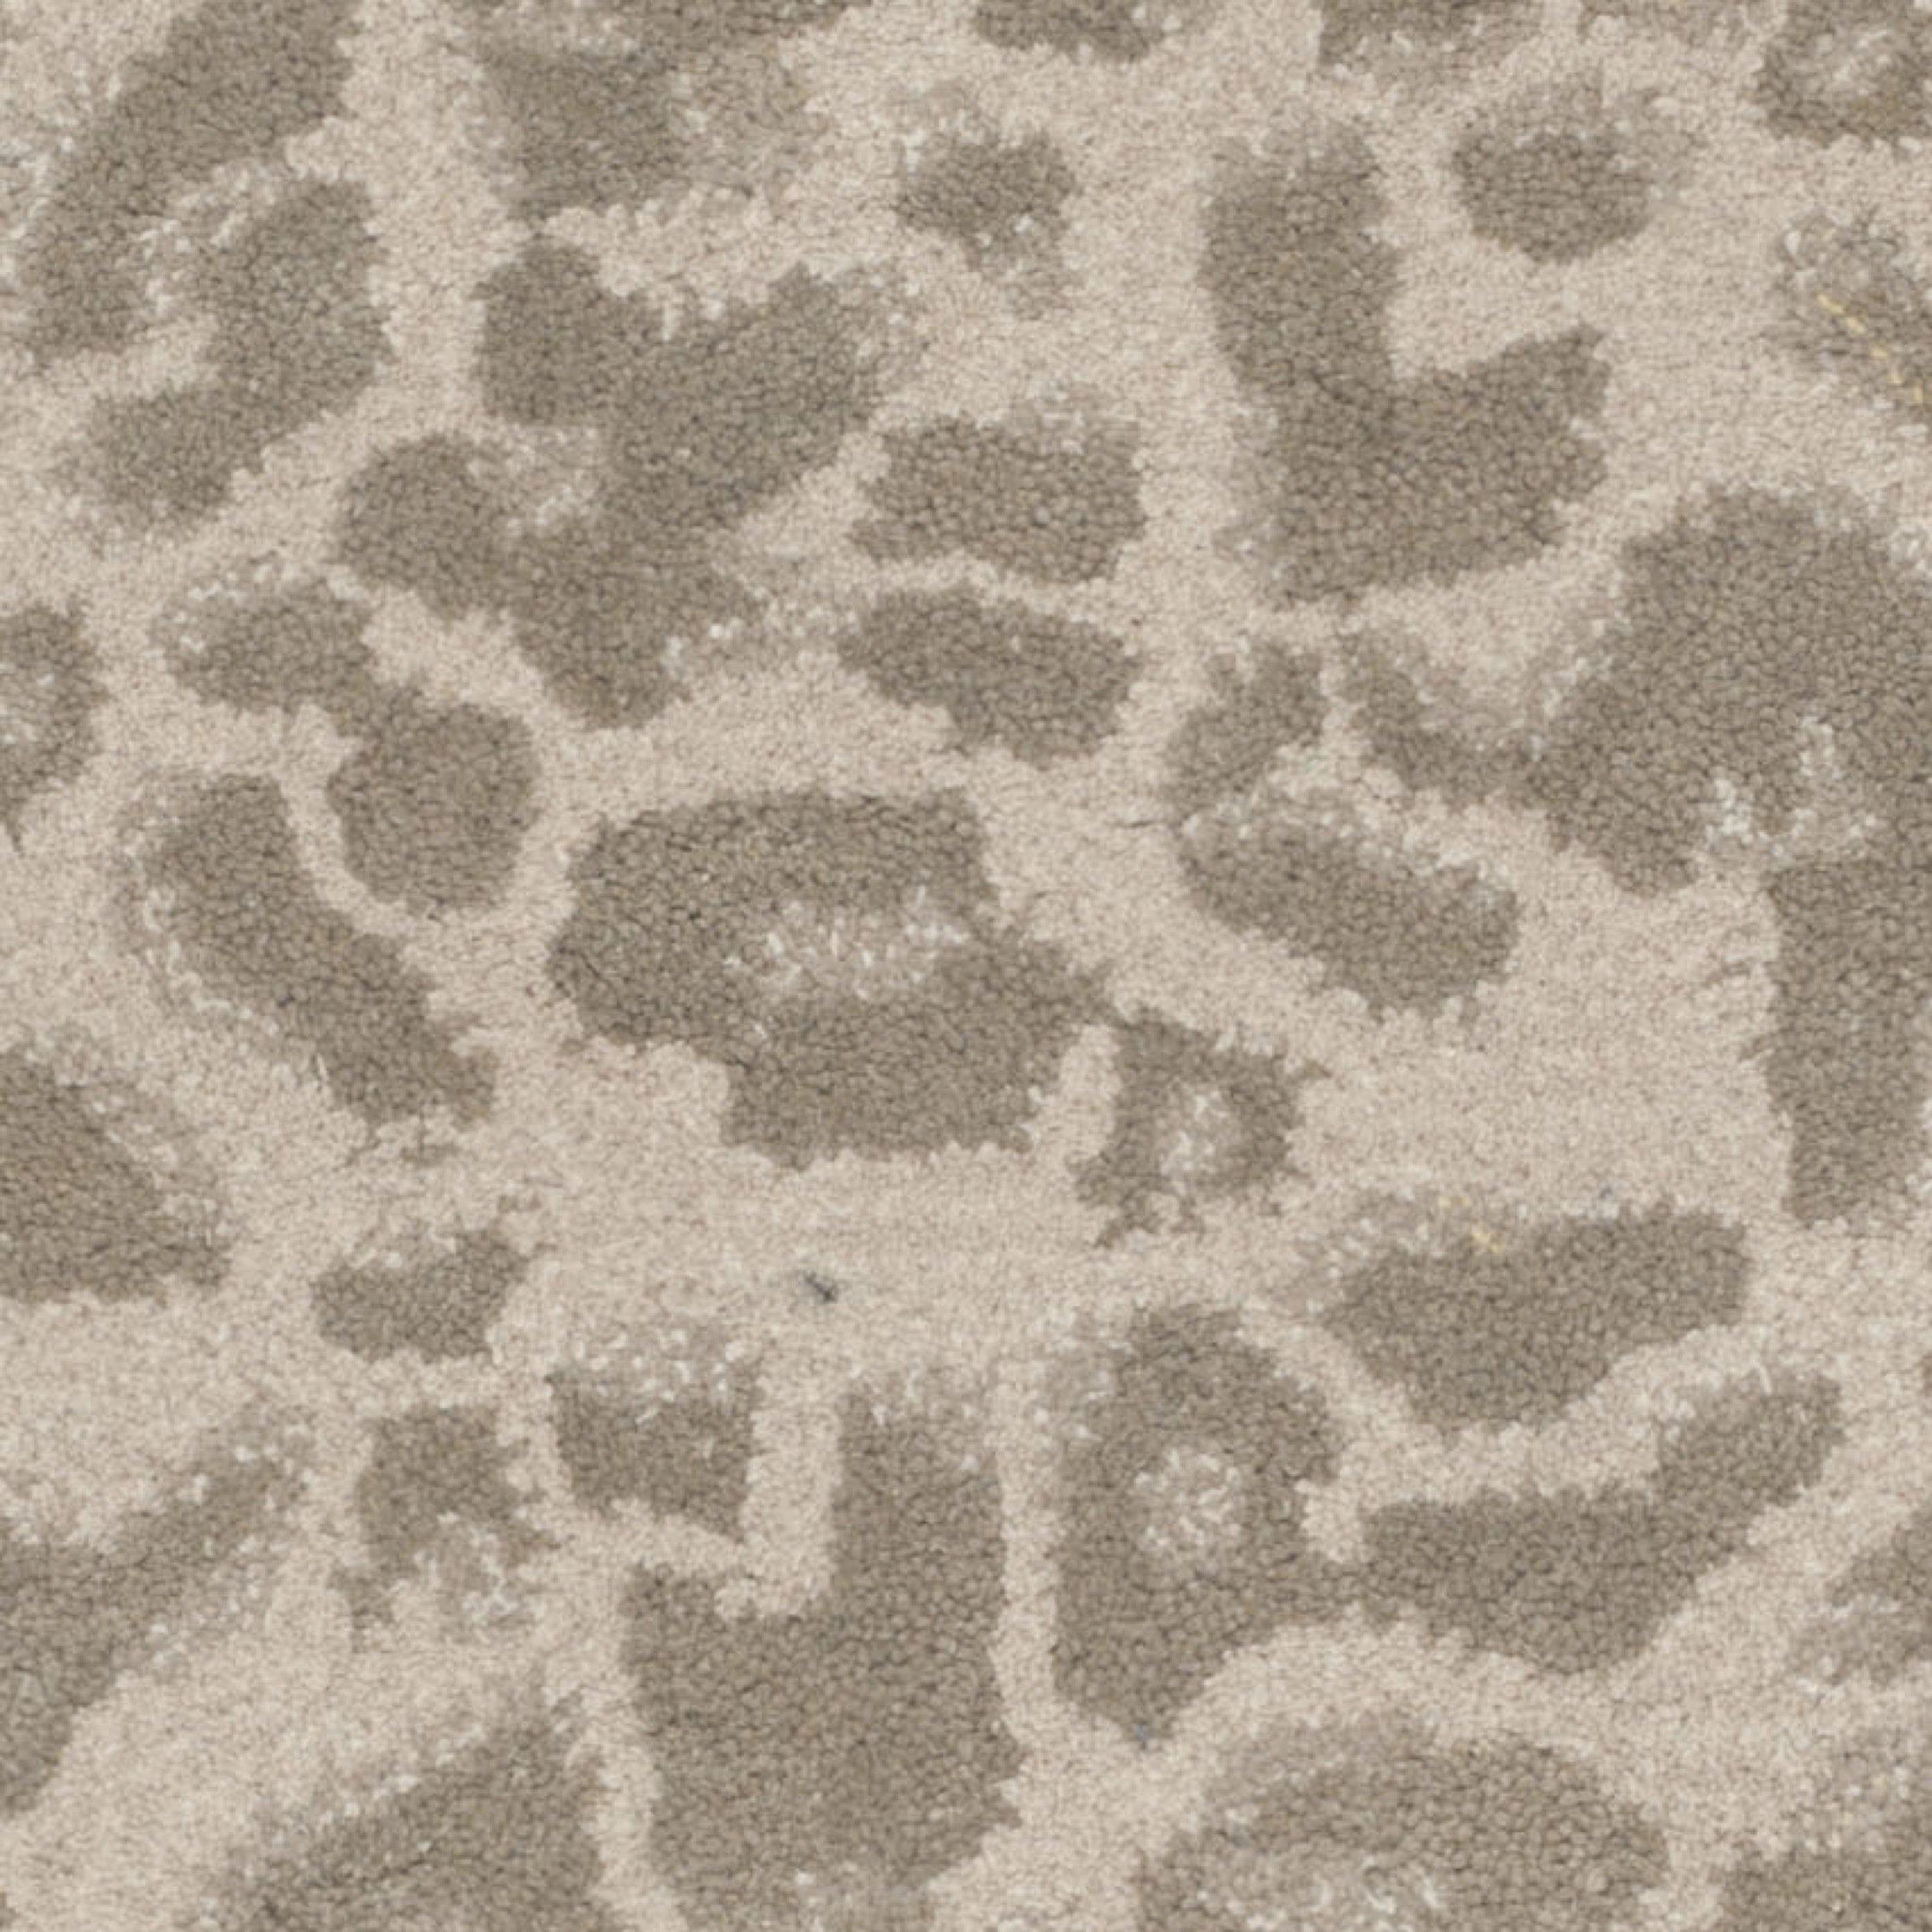 Safavieh Martha Stewart Collection MSR3621D Premium Wool and Viscose Sharkey Grey Runner Rug (2'6'' x 4'3'') by Safavieh (Image #3)